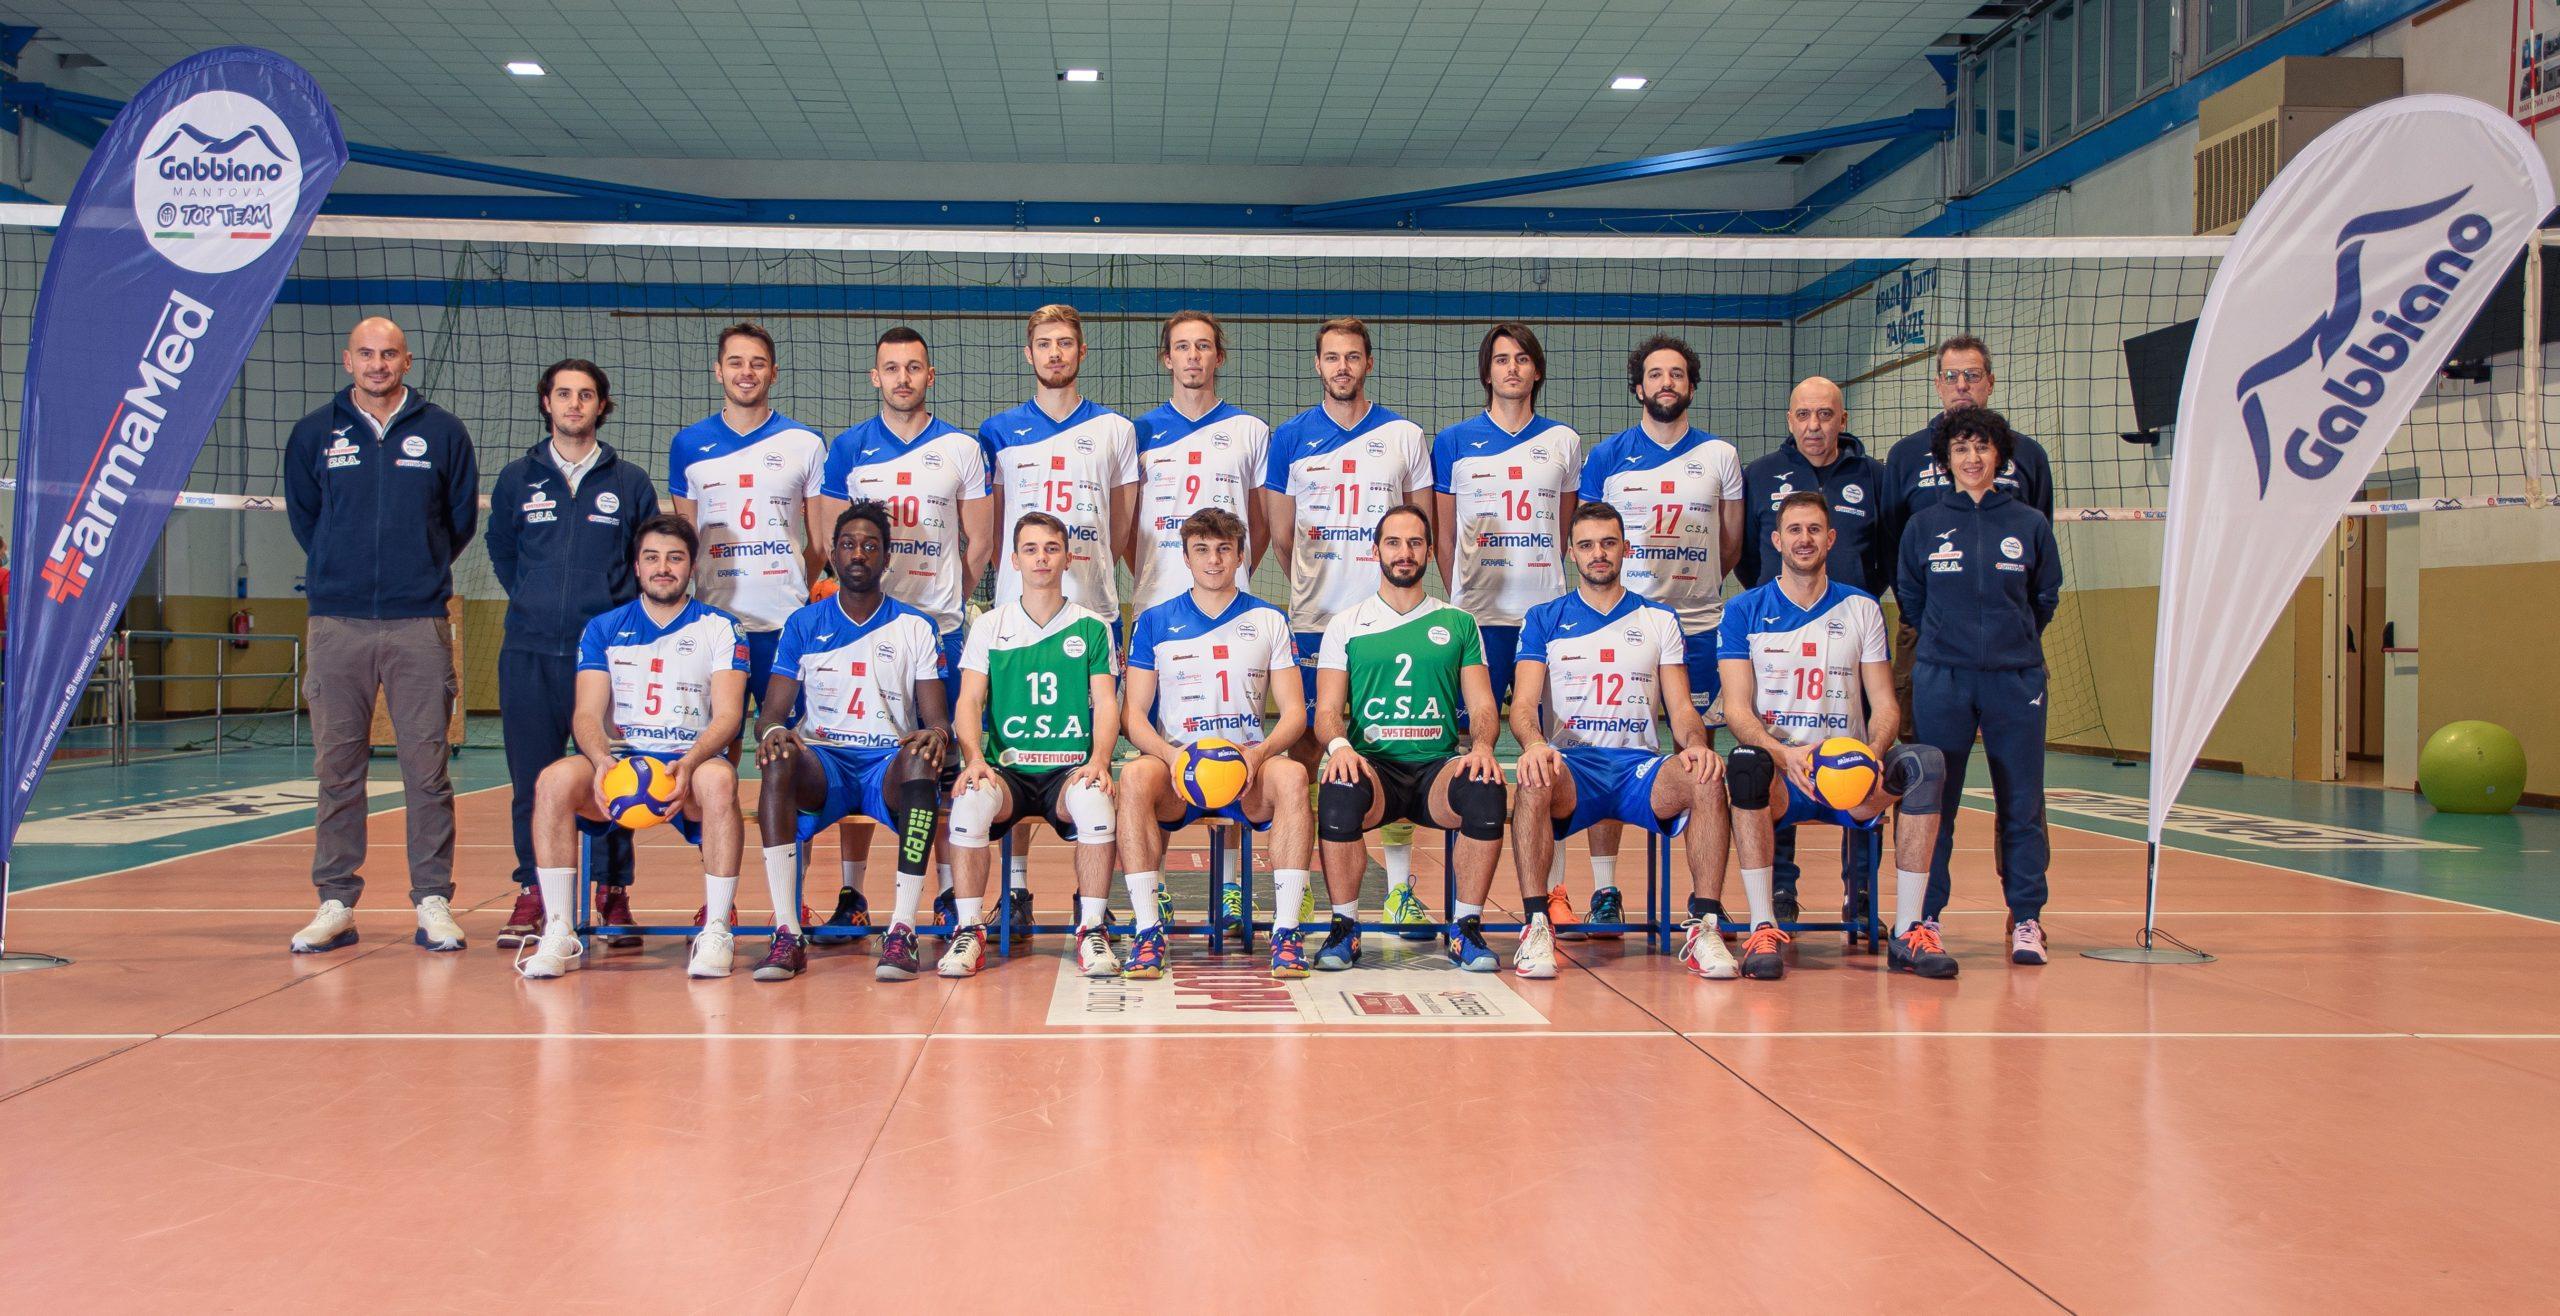 Gabbiano Top Team Volley Mantova 2020 2021 pallavolo mantova